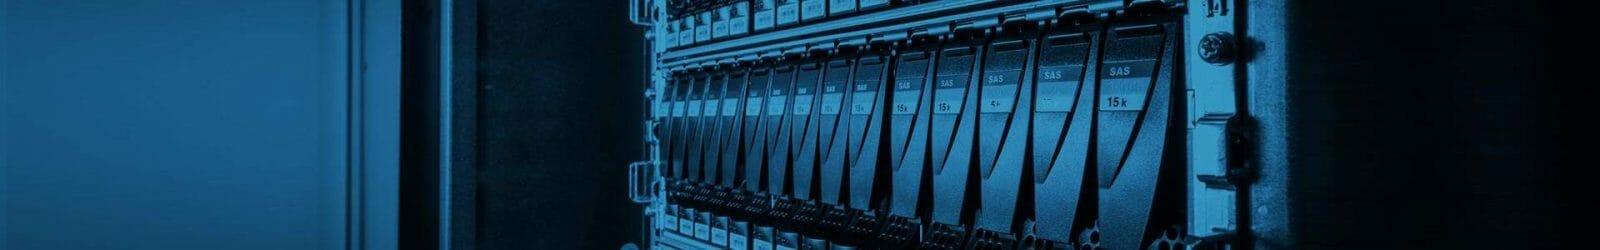 macierze Odzyskiwanie danych z macierzy Kraków odzyskiwanie danych z macierzy kraków Odzyskiwanie danych z macierzy Kraków macierze